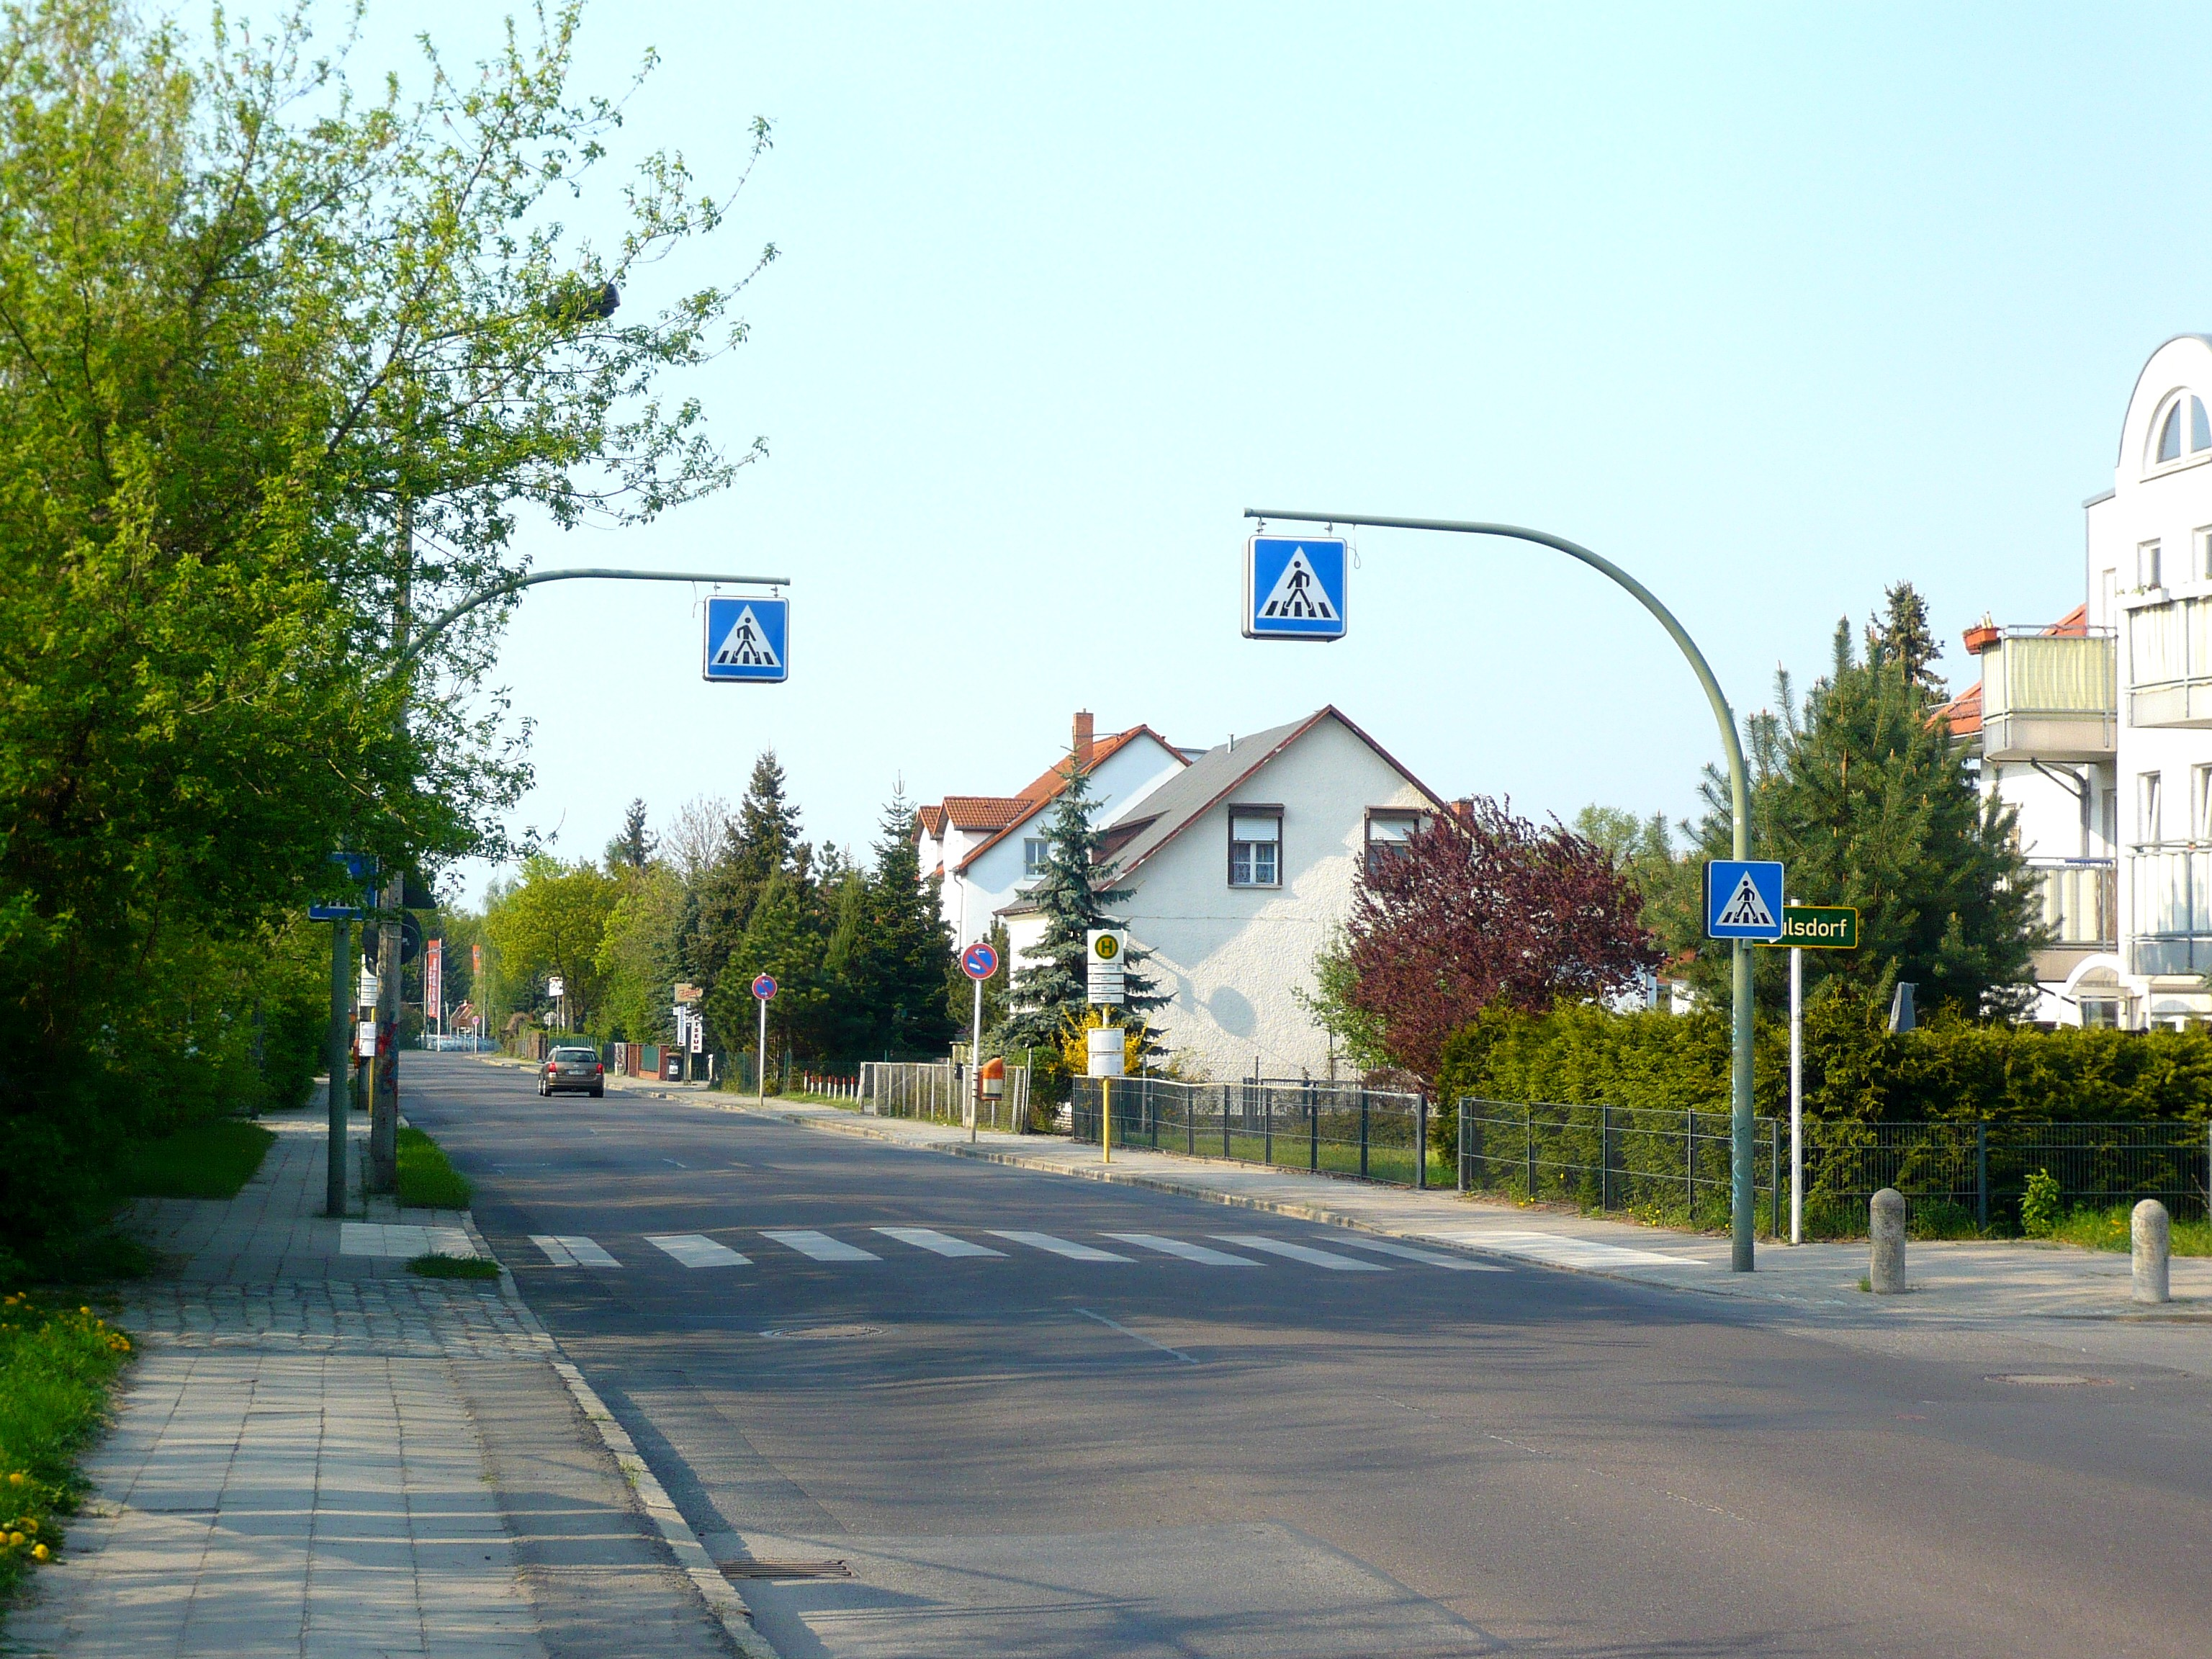 Fußgängerüberweg | Filmwiki | FANDOM powered by Wikia